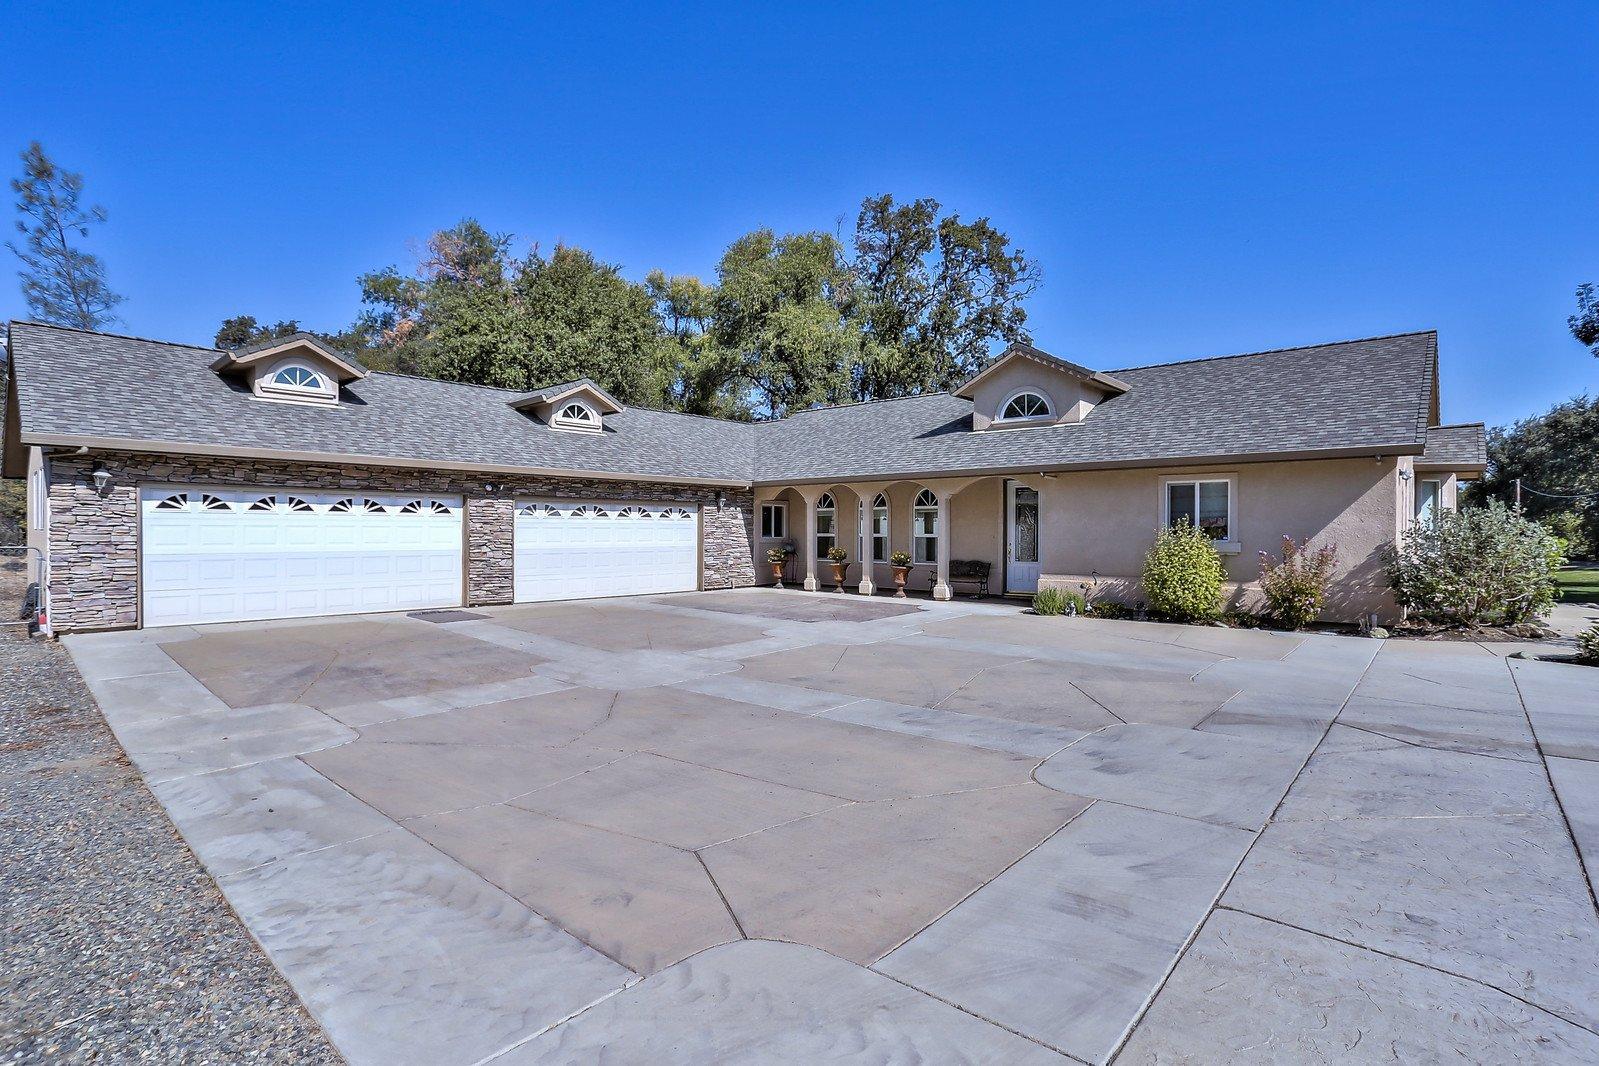 6633 Eastside Rd, Anderson, CA 96007